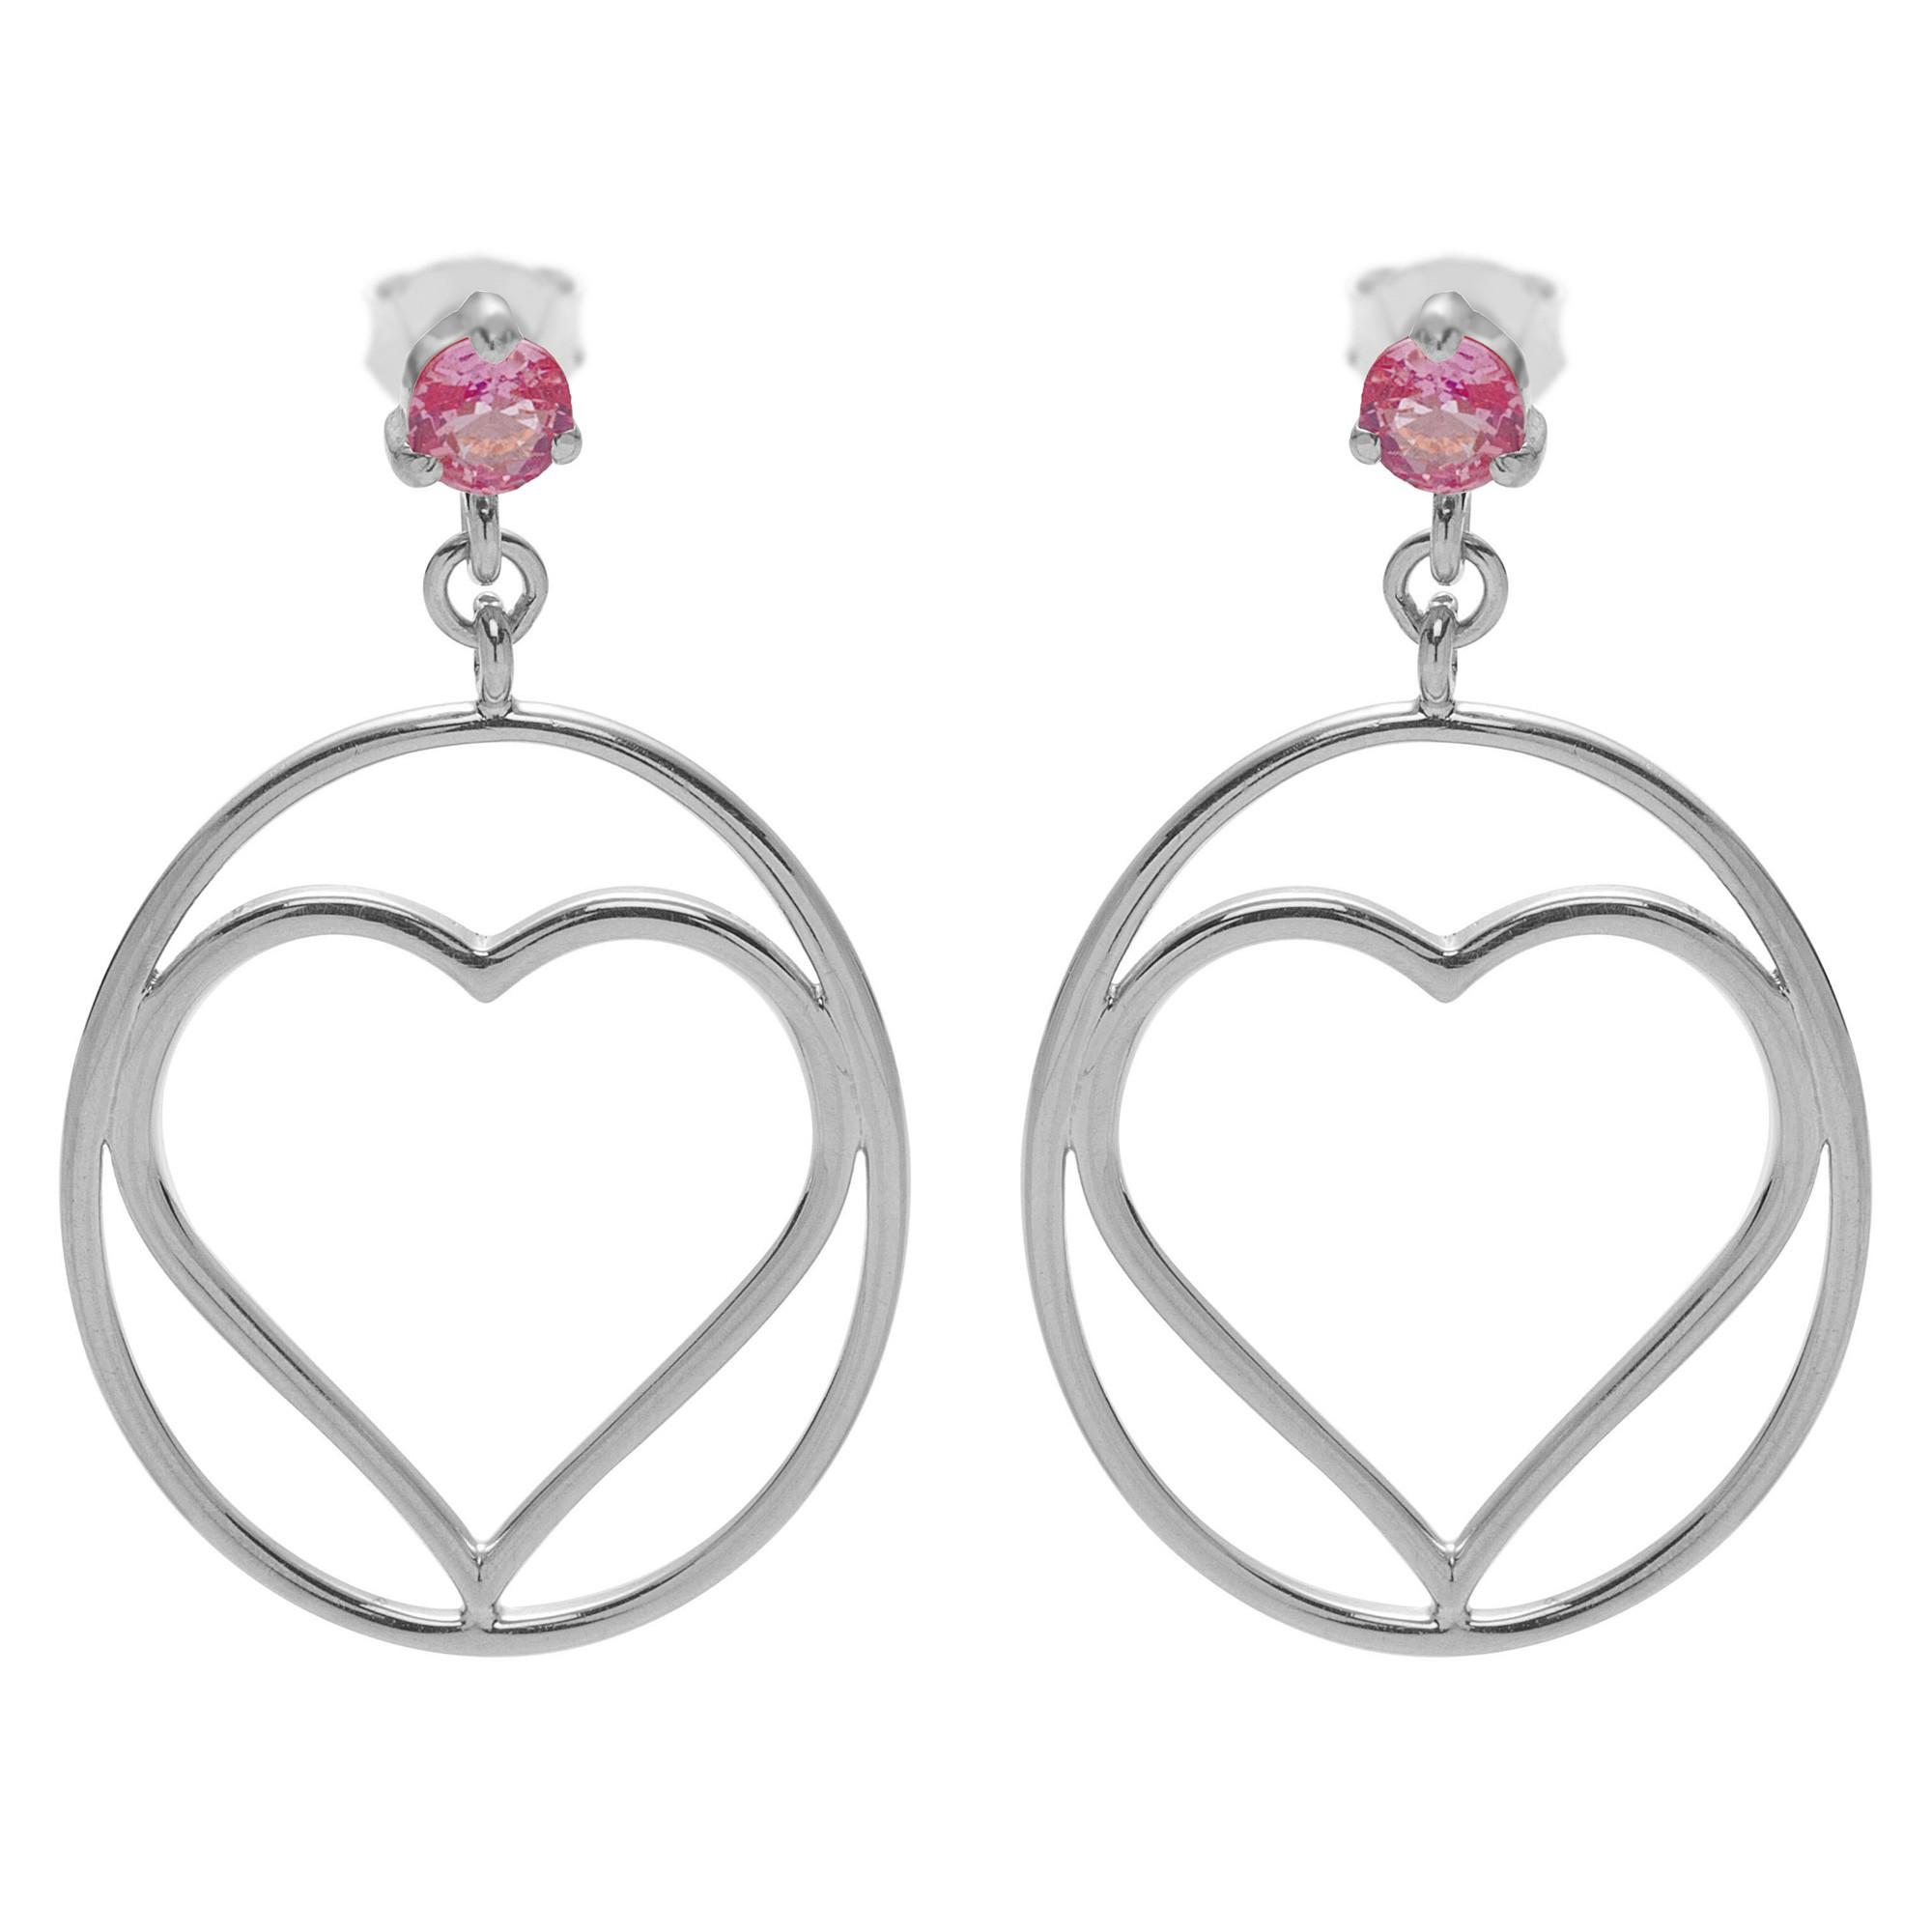 Boucles d'oreilles saphir rose cœur encerclé en argent